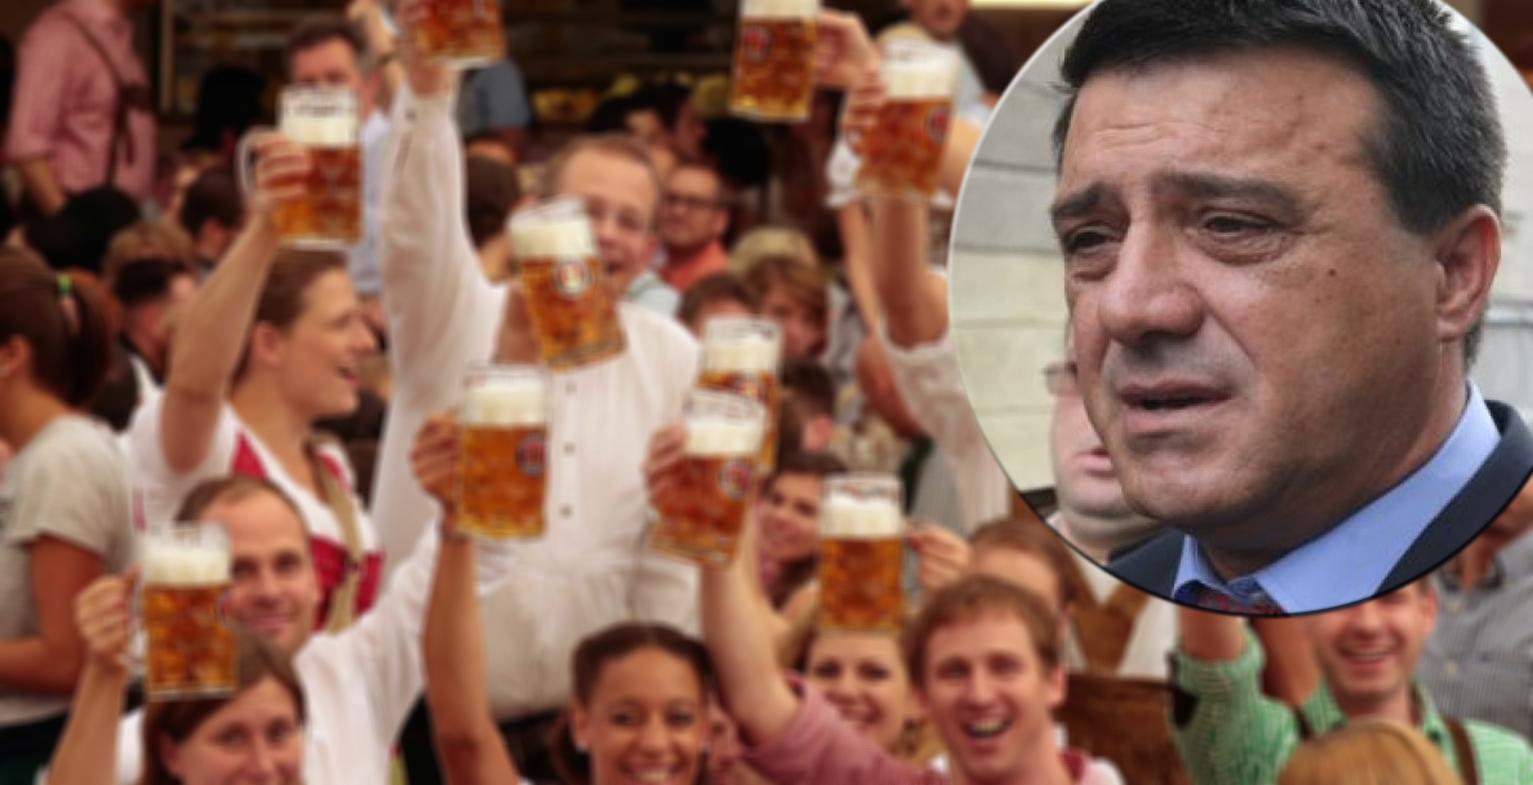 Bădălău, pregăteşte-ți umbrela! Cei 500.000 de români care vor vota mâine în diaspora s-au apucat deja să bea bere!